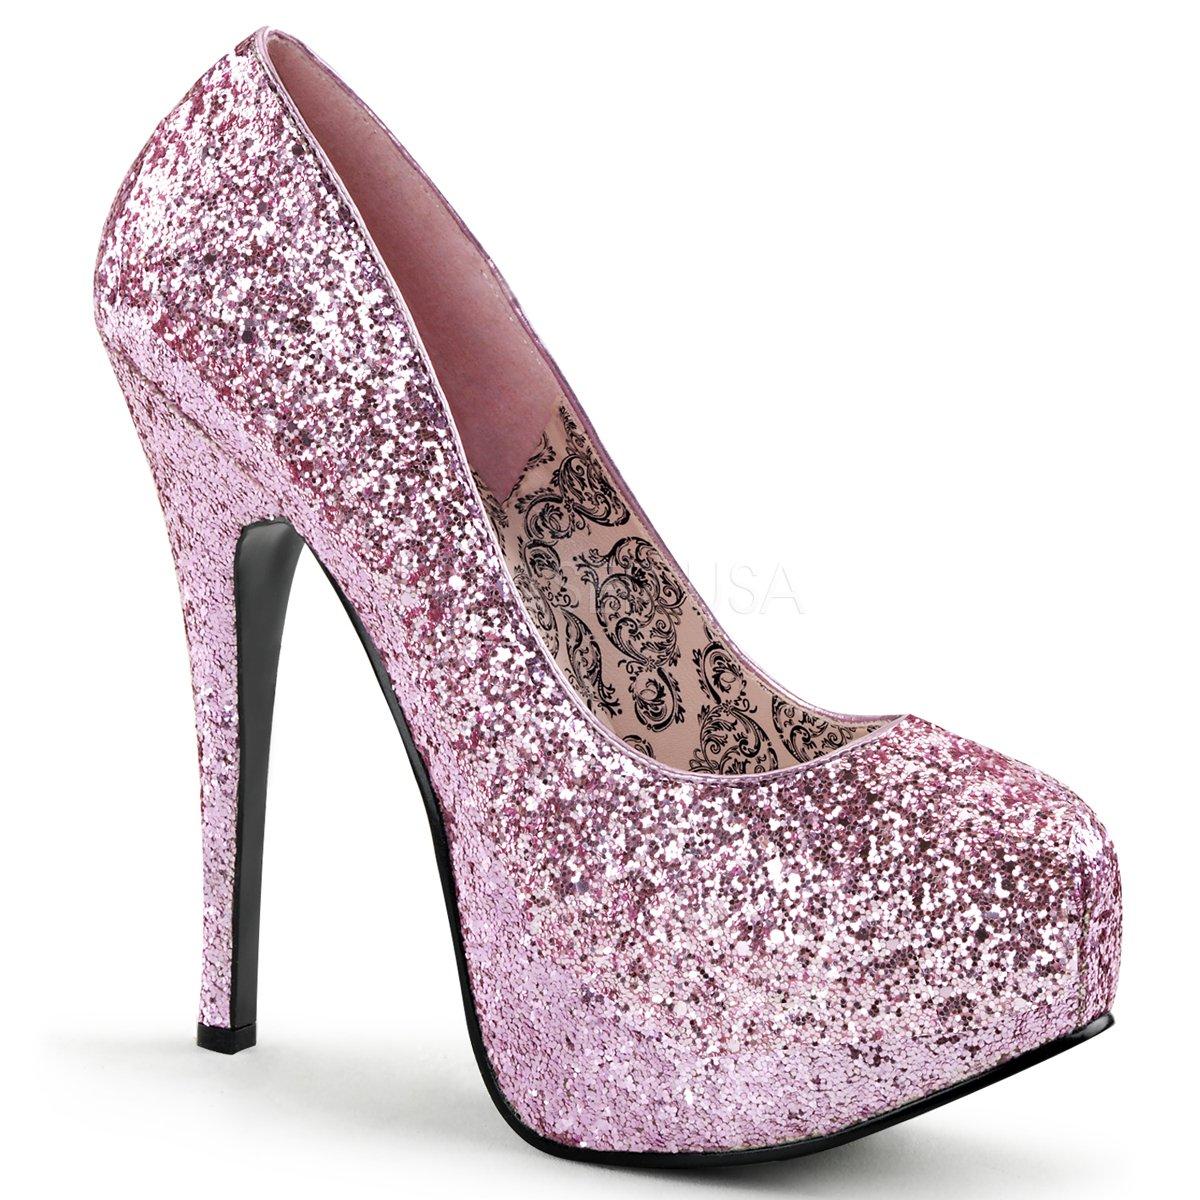 BordelloTEEZE-06G - Plataforma Mujer 36 EU|B. Pink Glitter